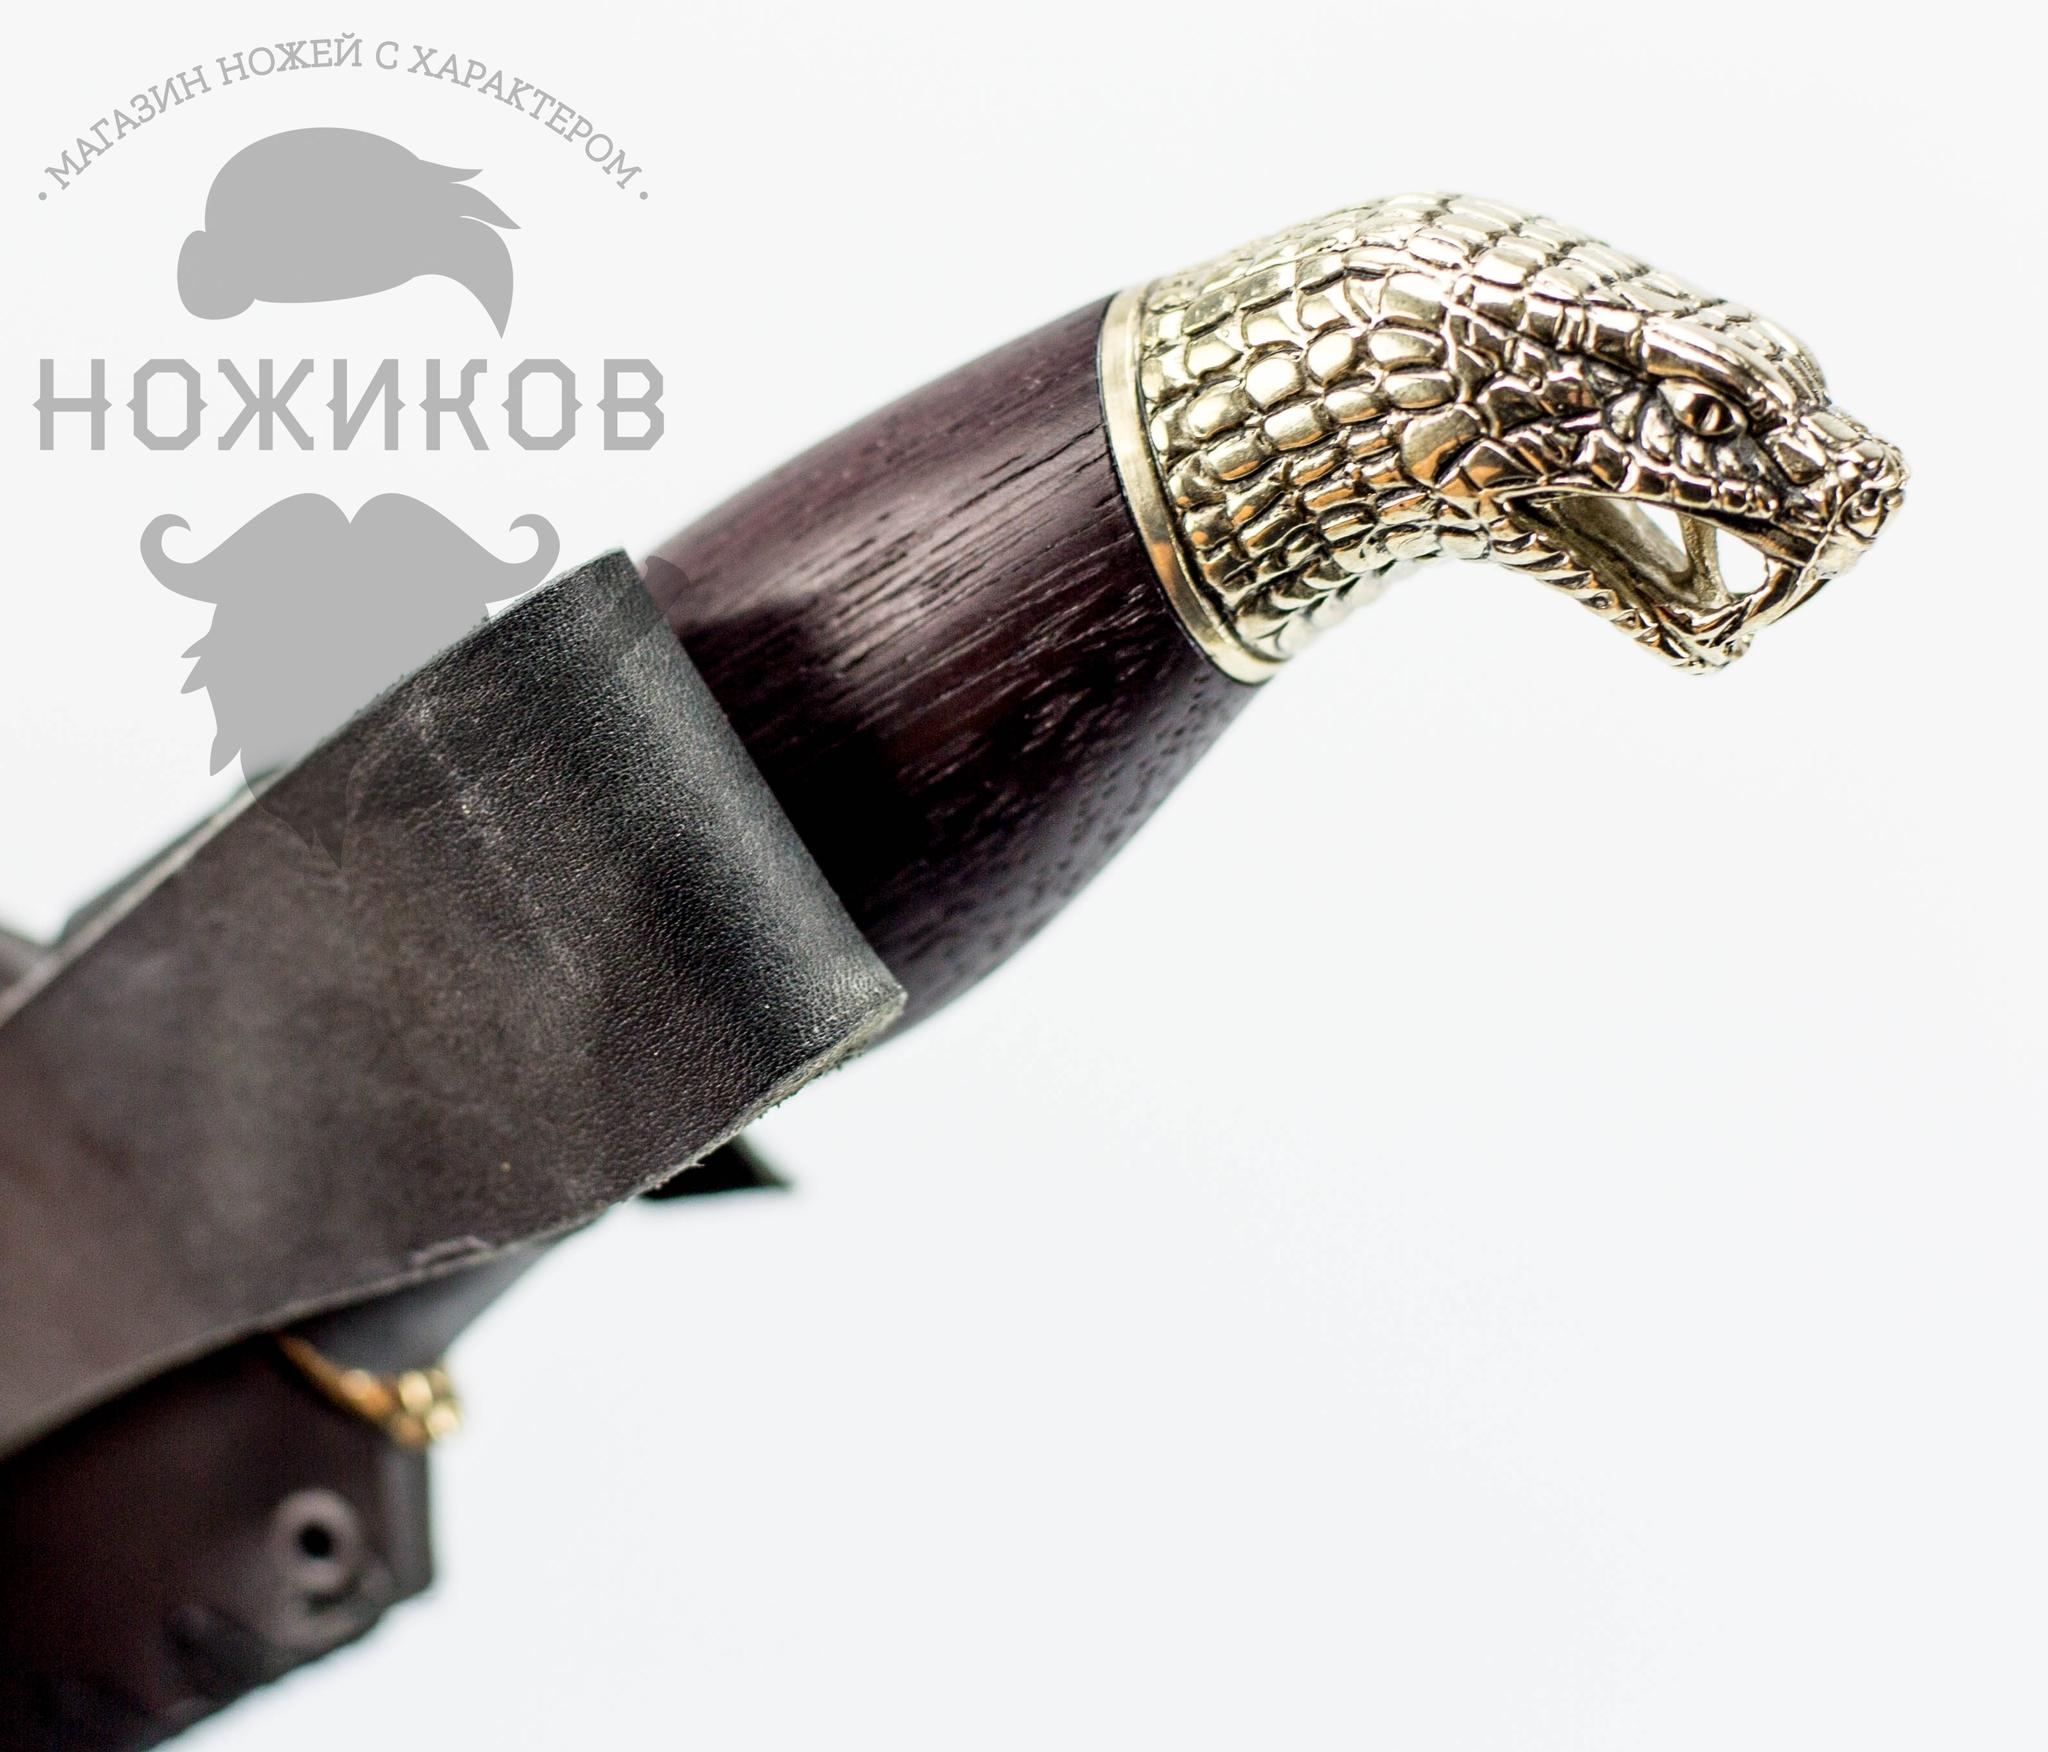 Фото 6 - Авторский Нож из Дамаска №66, Кизляр